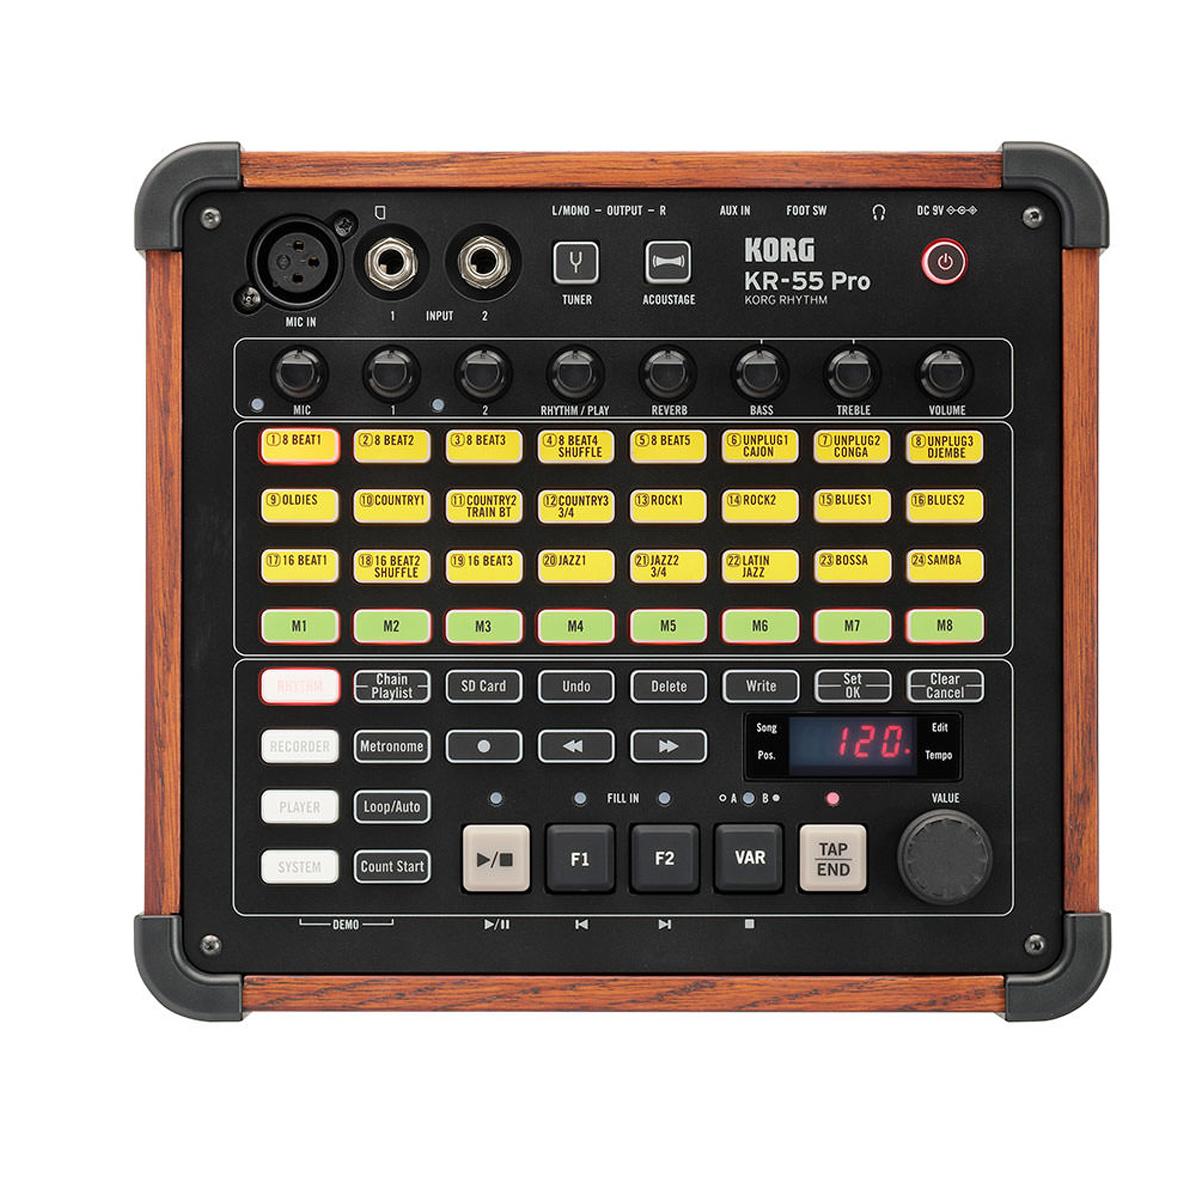 KORG Korg KR-55 Pro